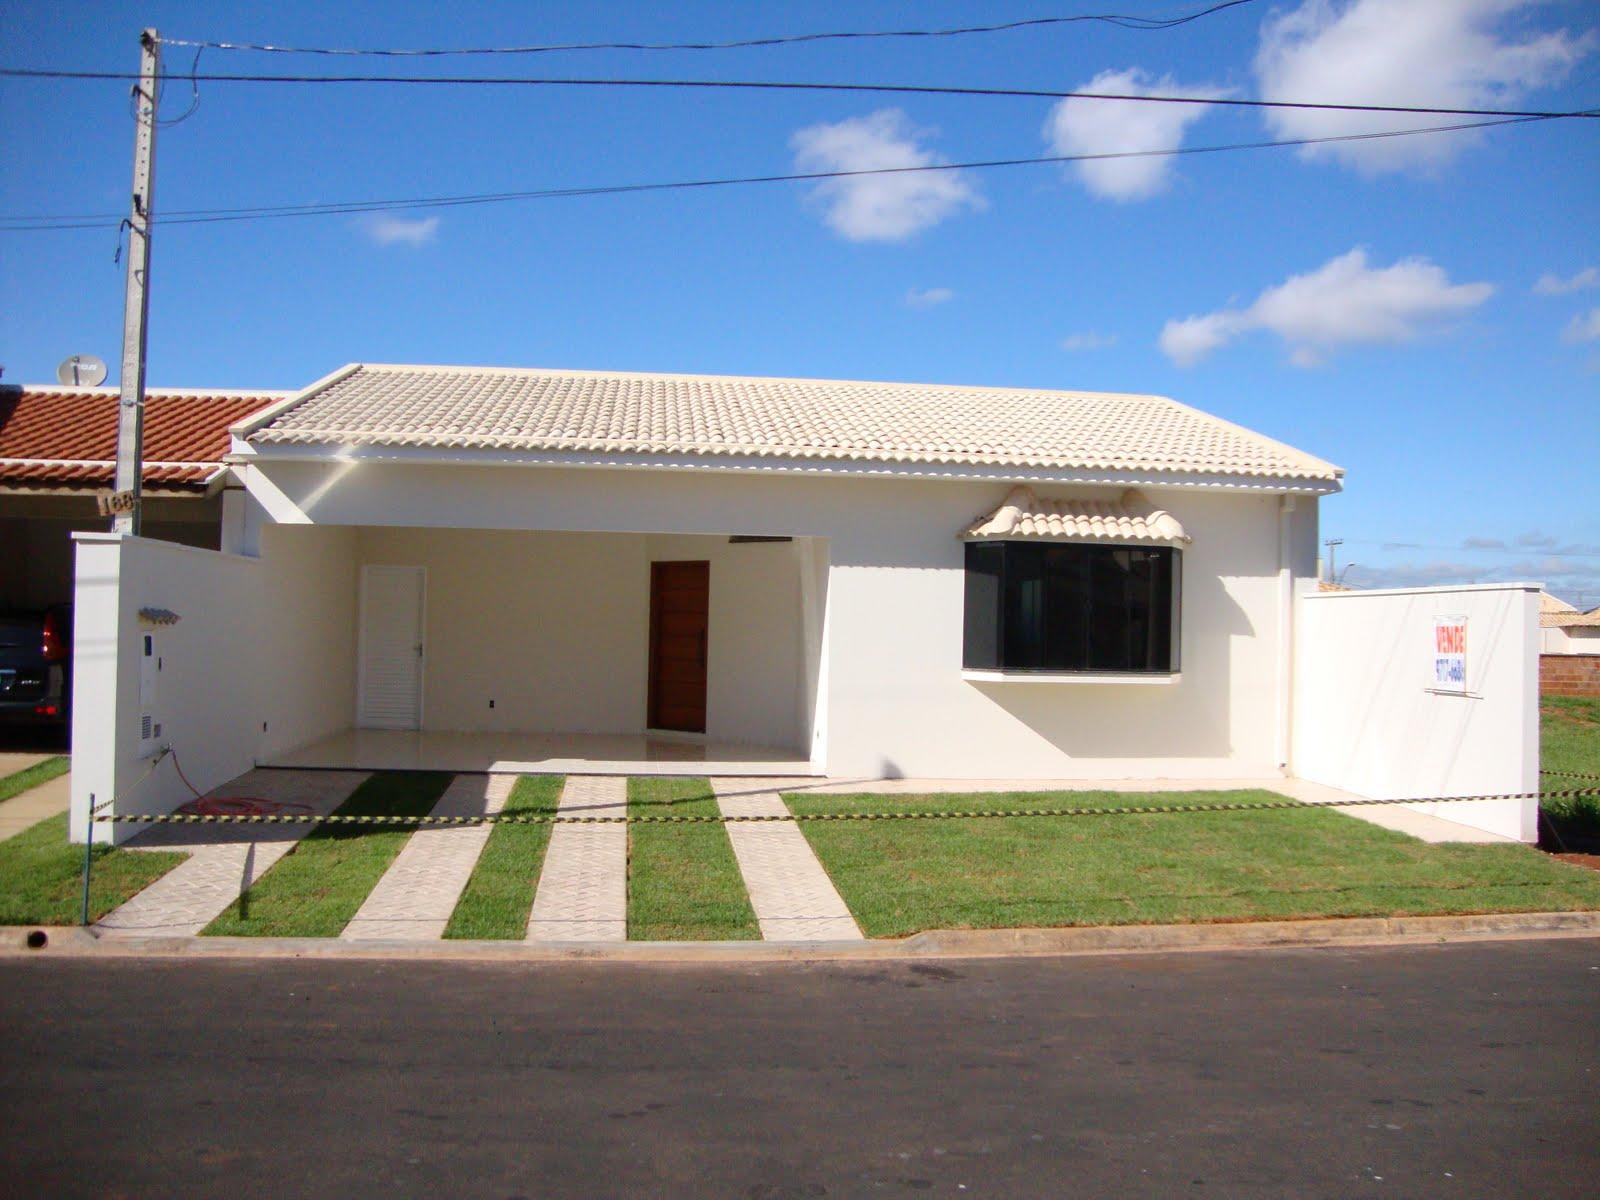 21 frentes de casas bonitas planos y fachadas todo para for Fachadas de casas bonitas y economicas